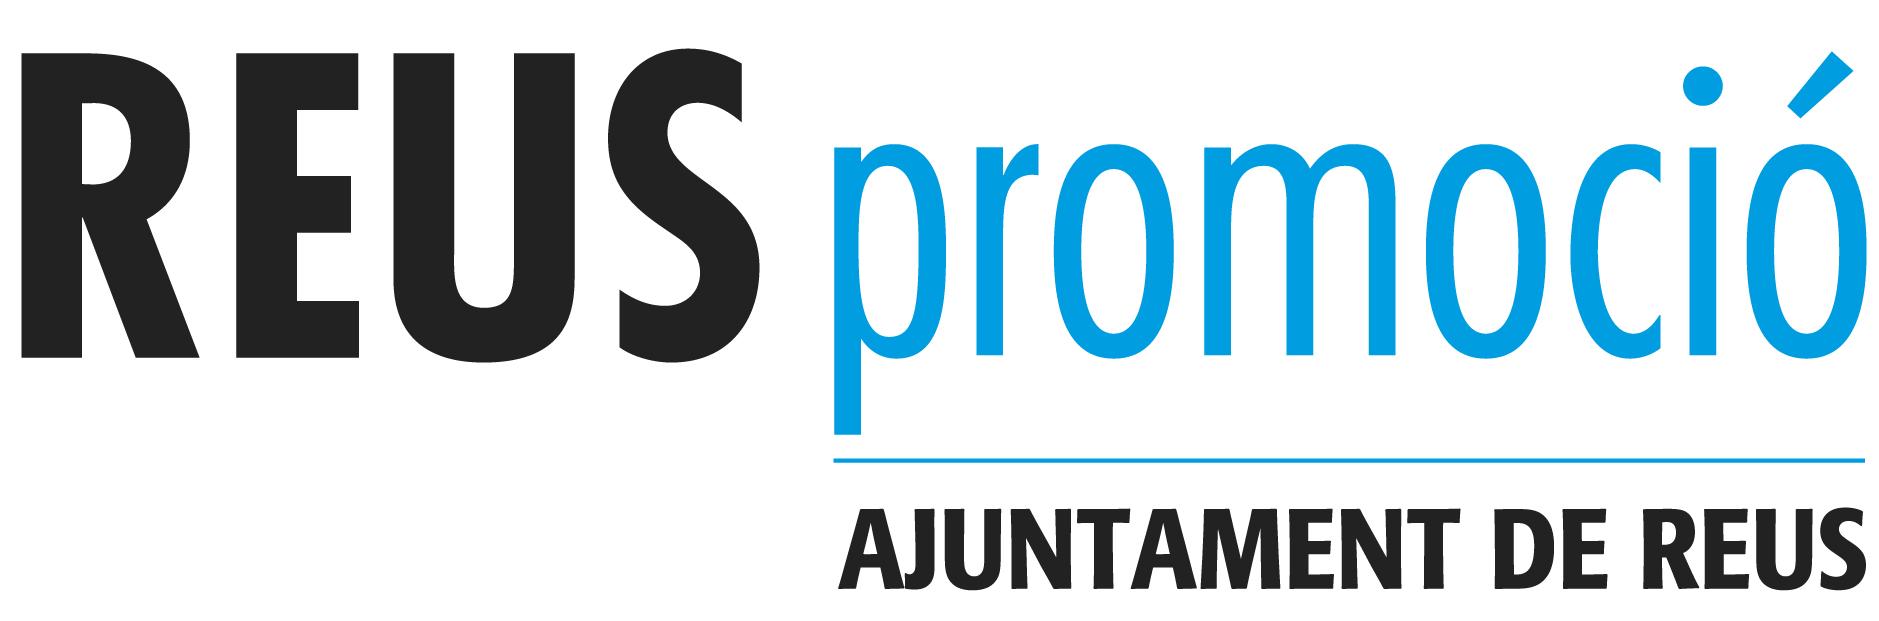 Reus Promoció - Ajuntament de Reus